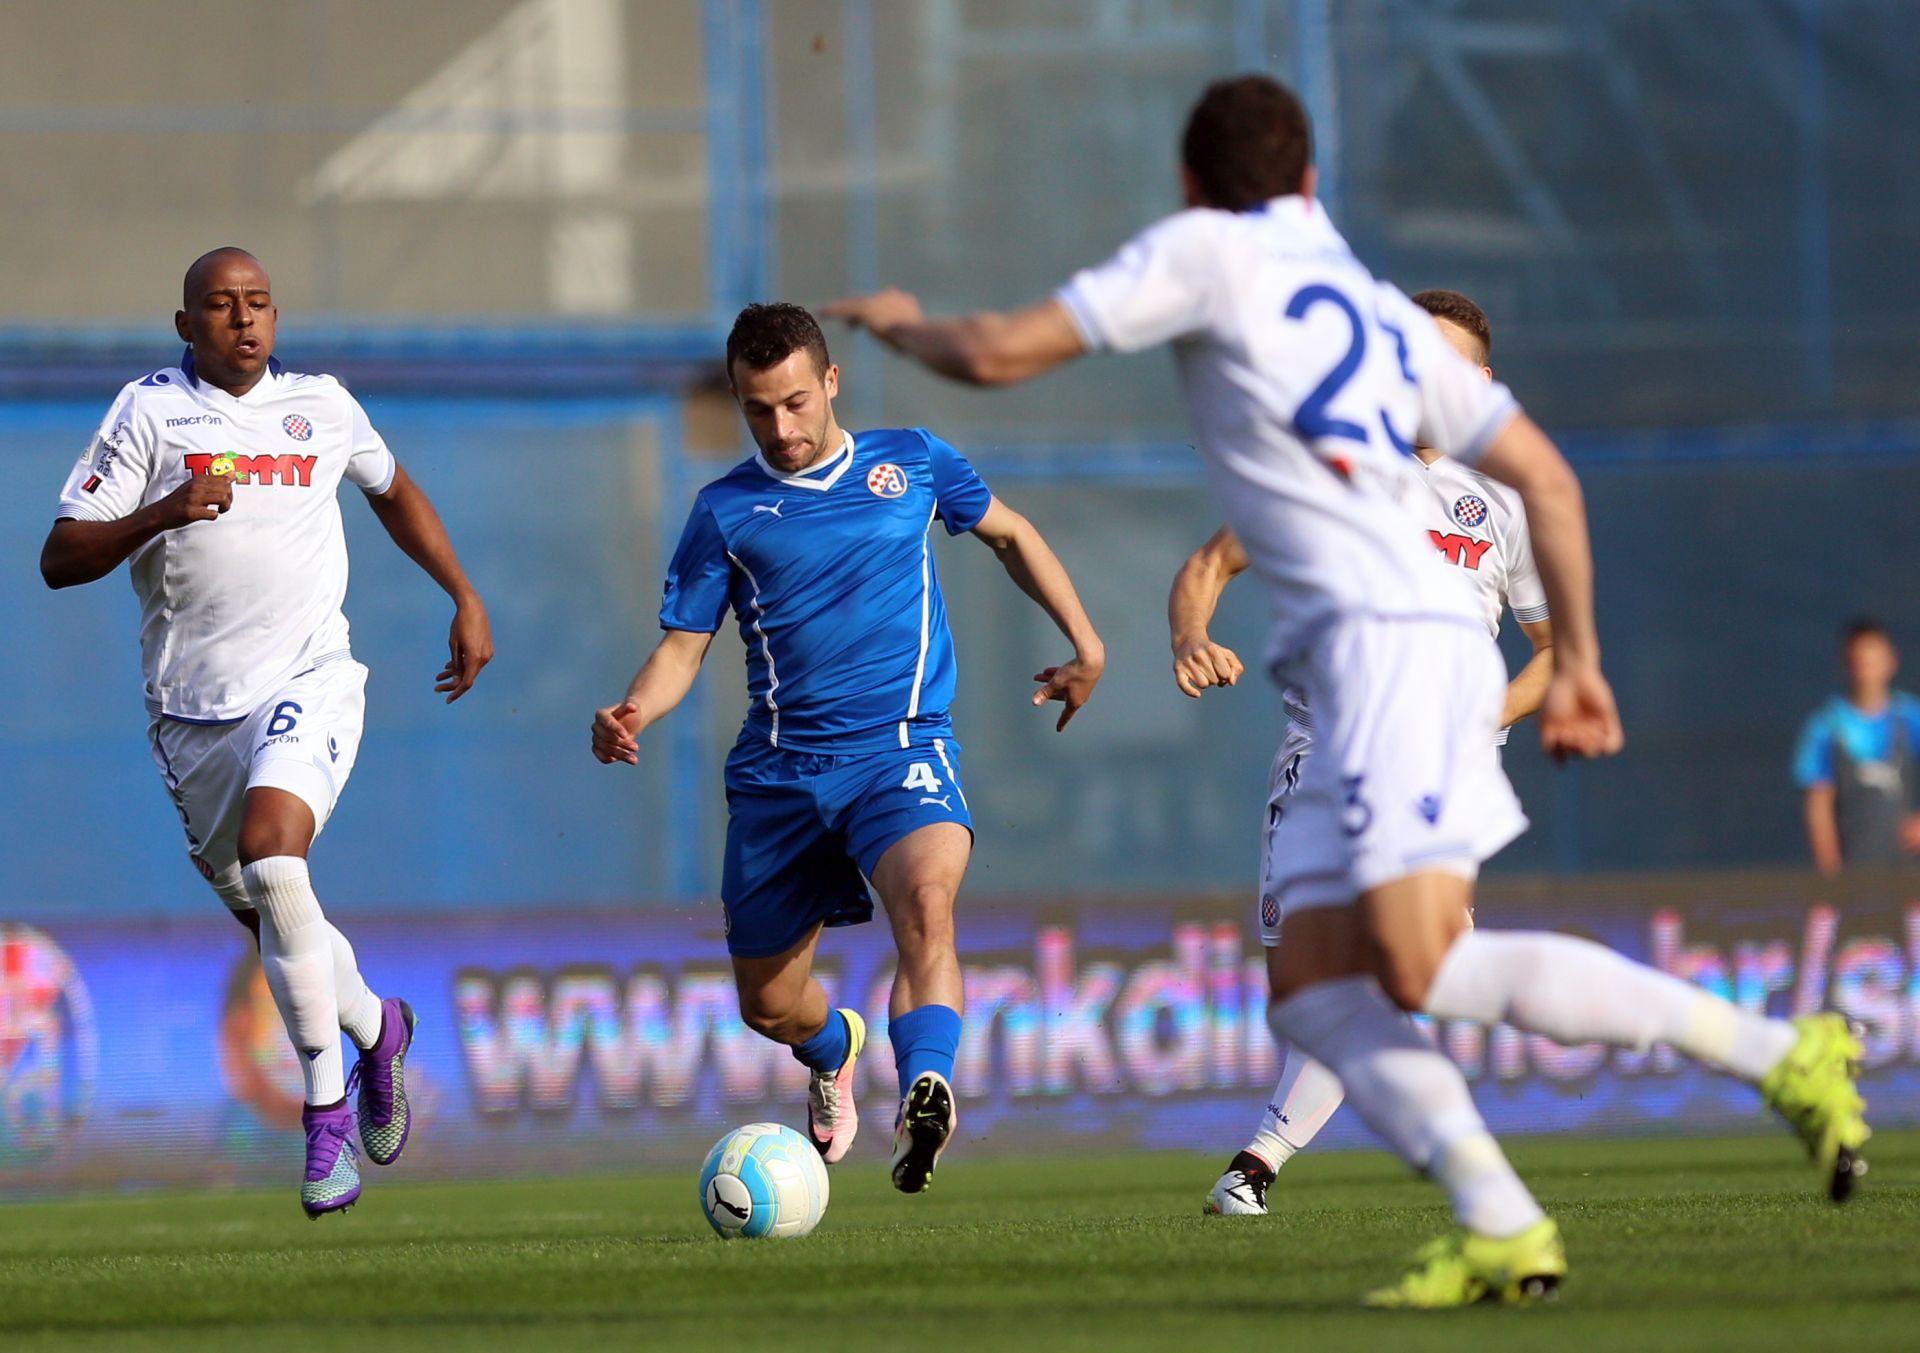 Kup: Dinamo – Hajduk 2-0 (prvo poluvrijeme)